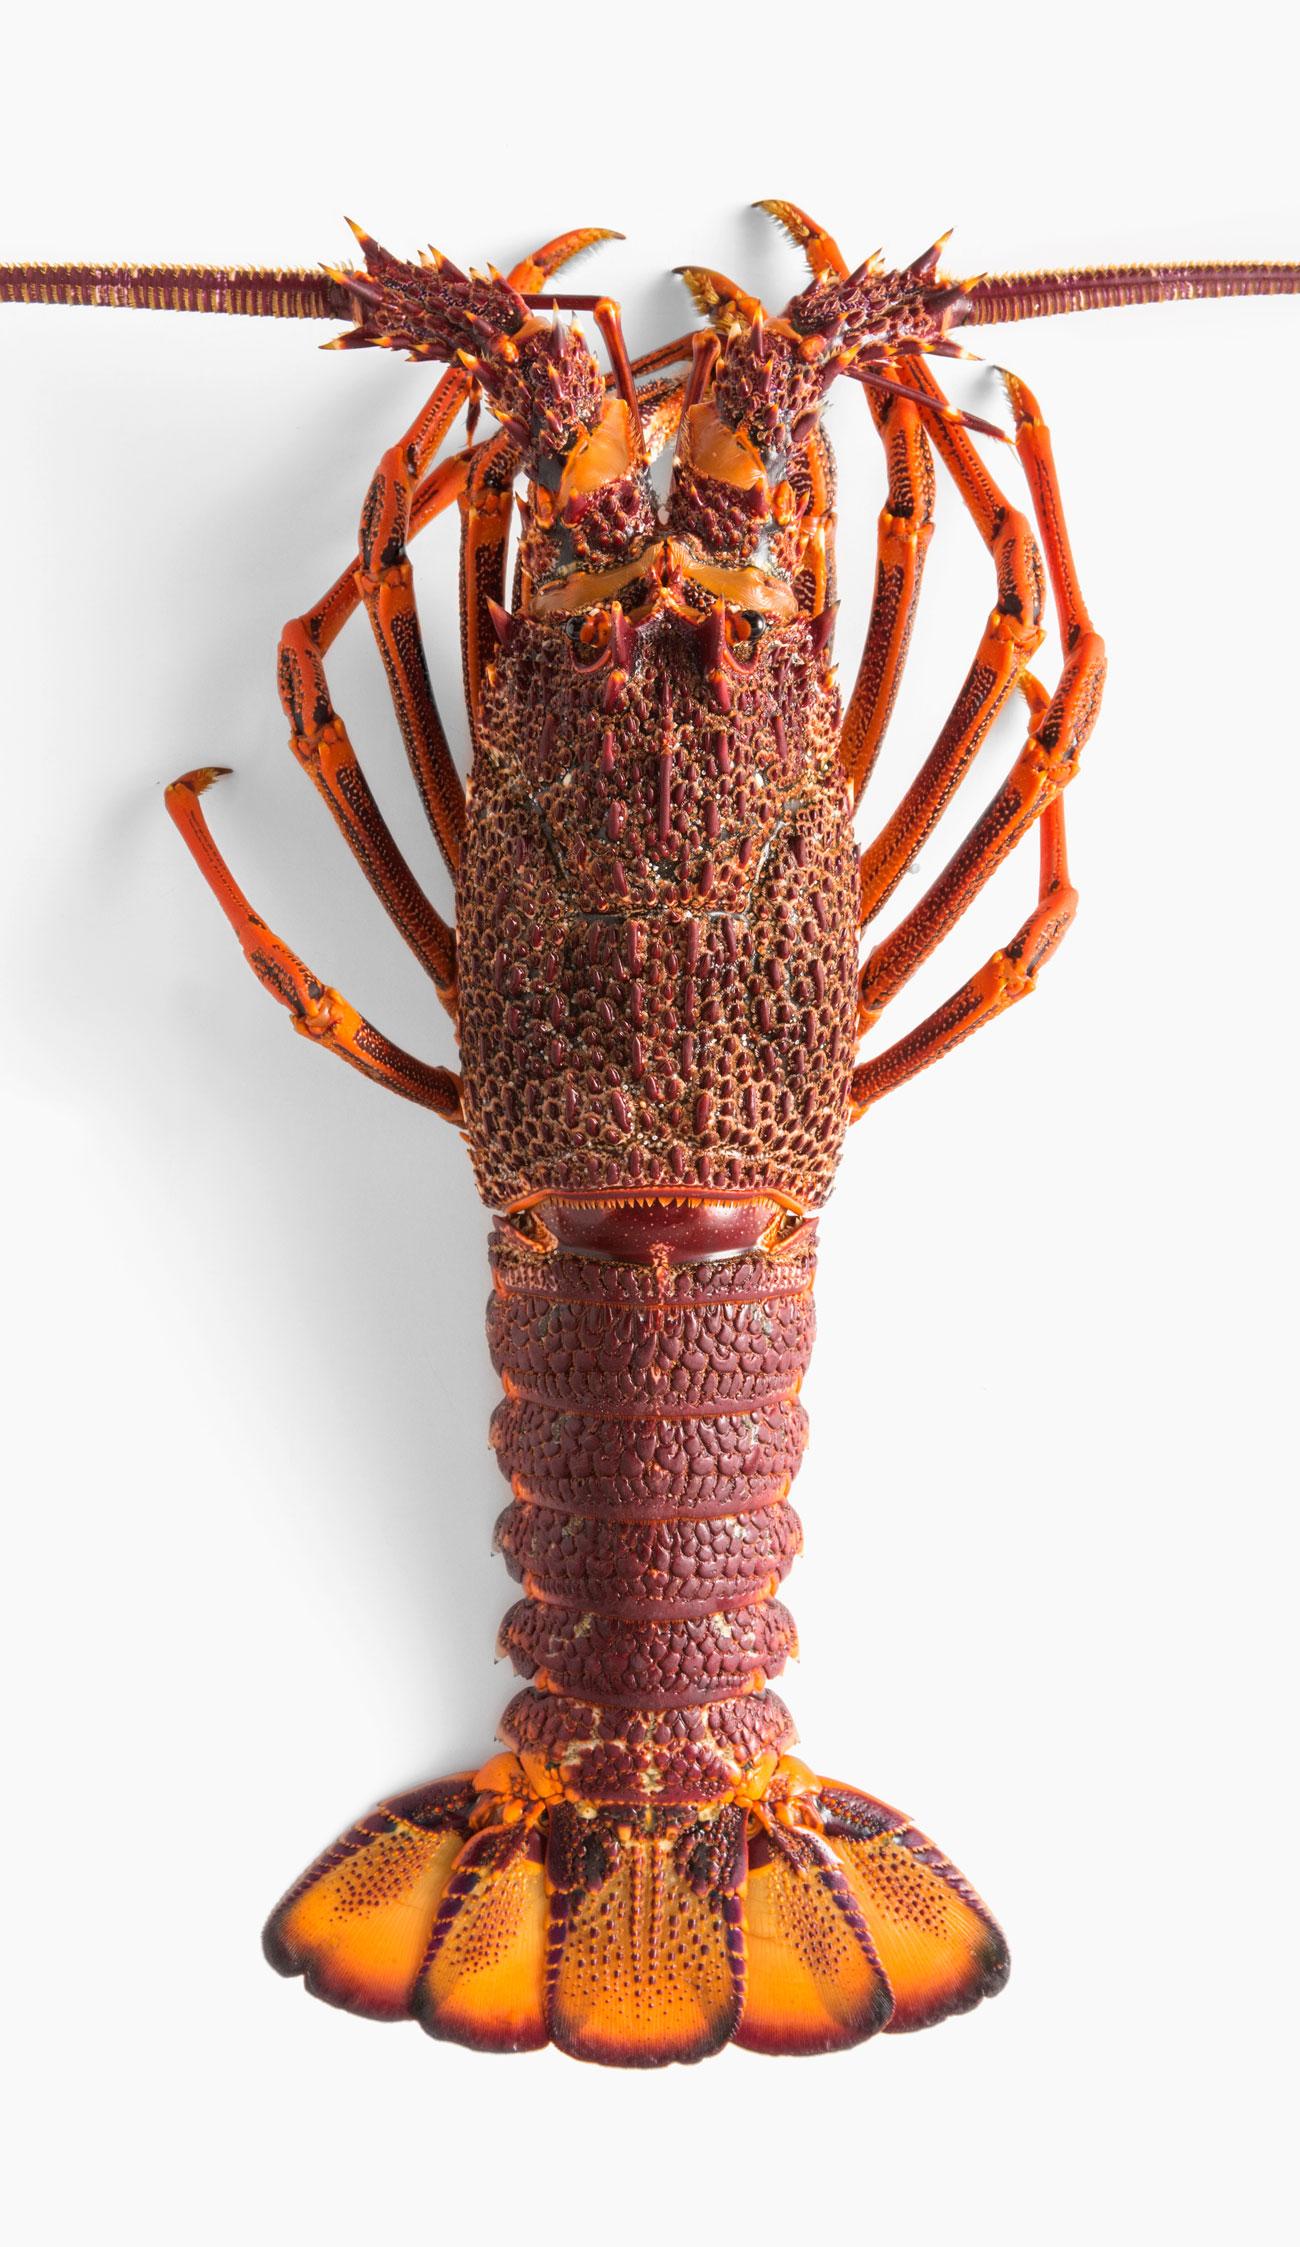 ferguson-australia-lobster-2